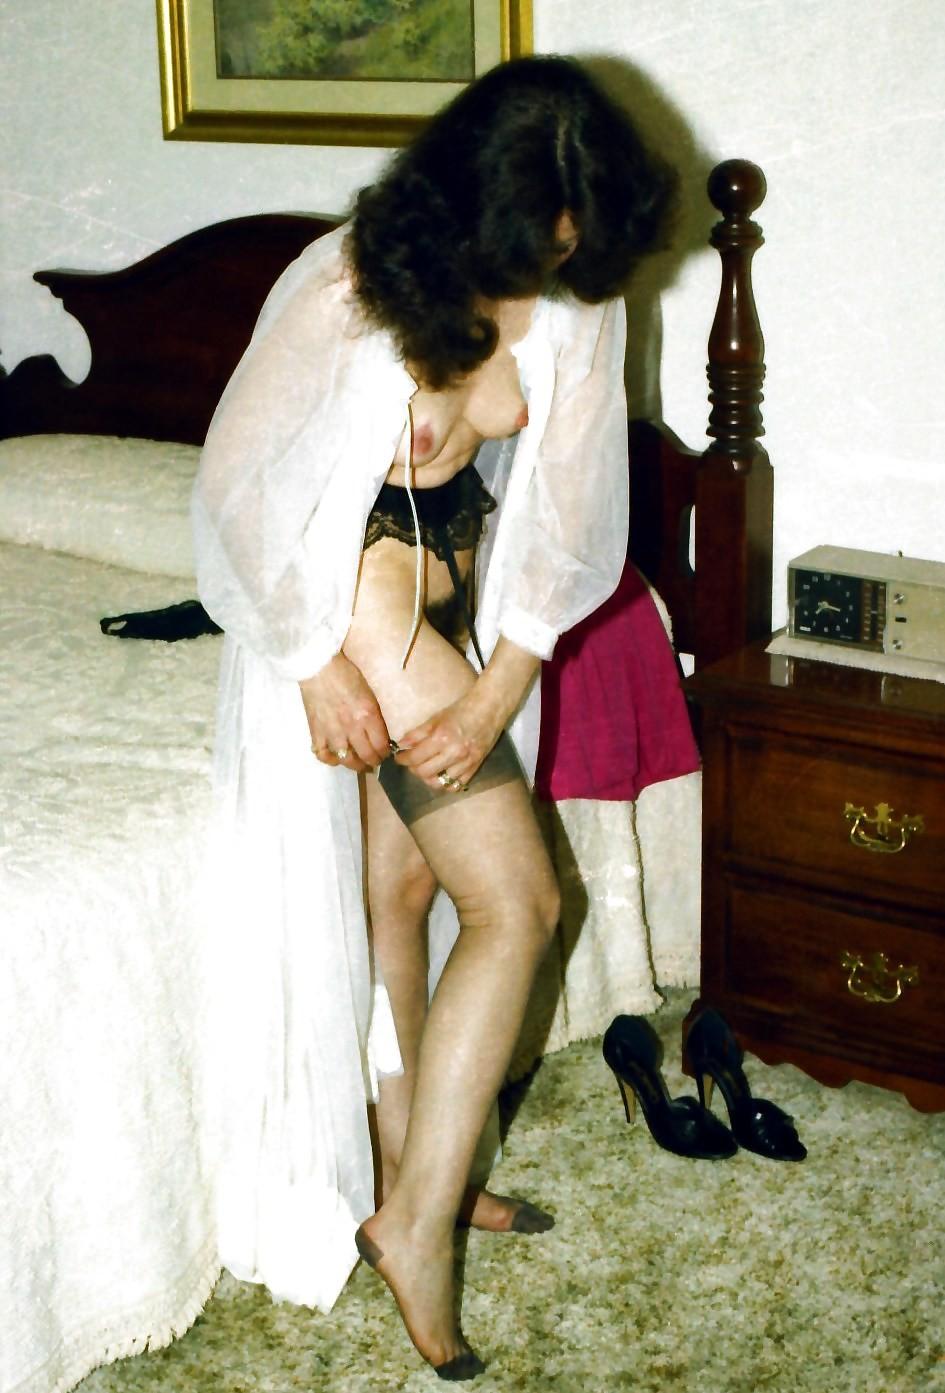 Фотографии в стиле ретро порадуют многих любителей классического секса со времен восьмидесятых